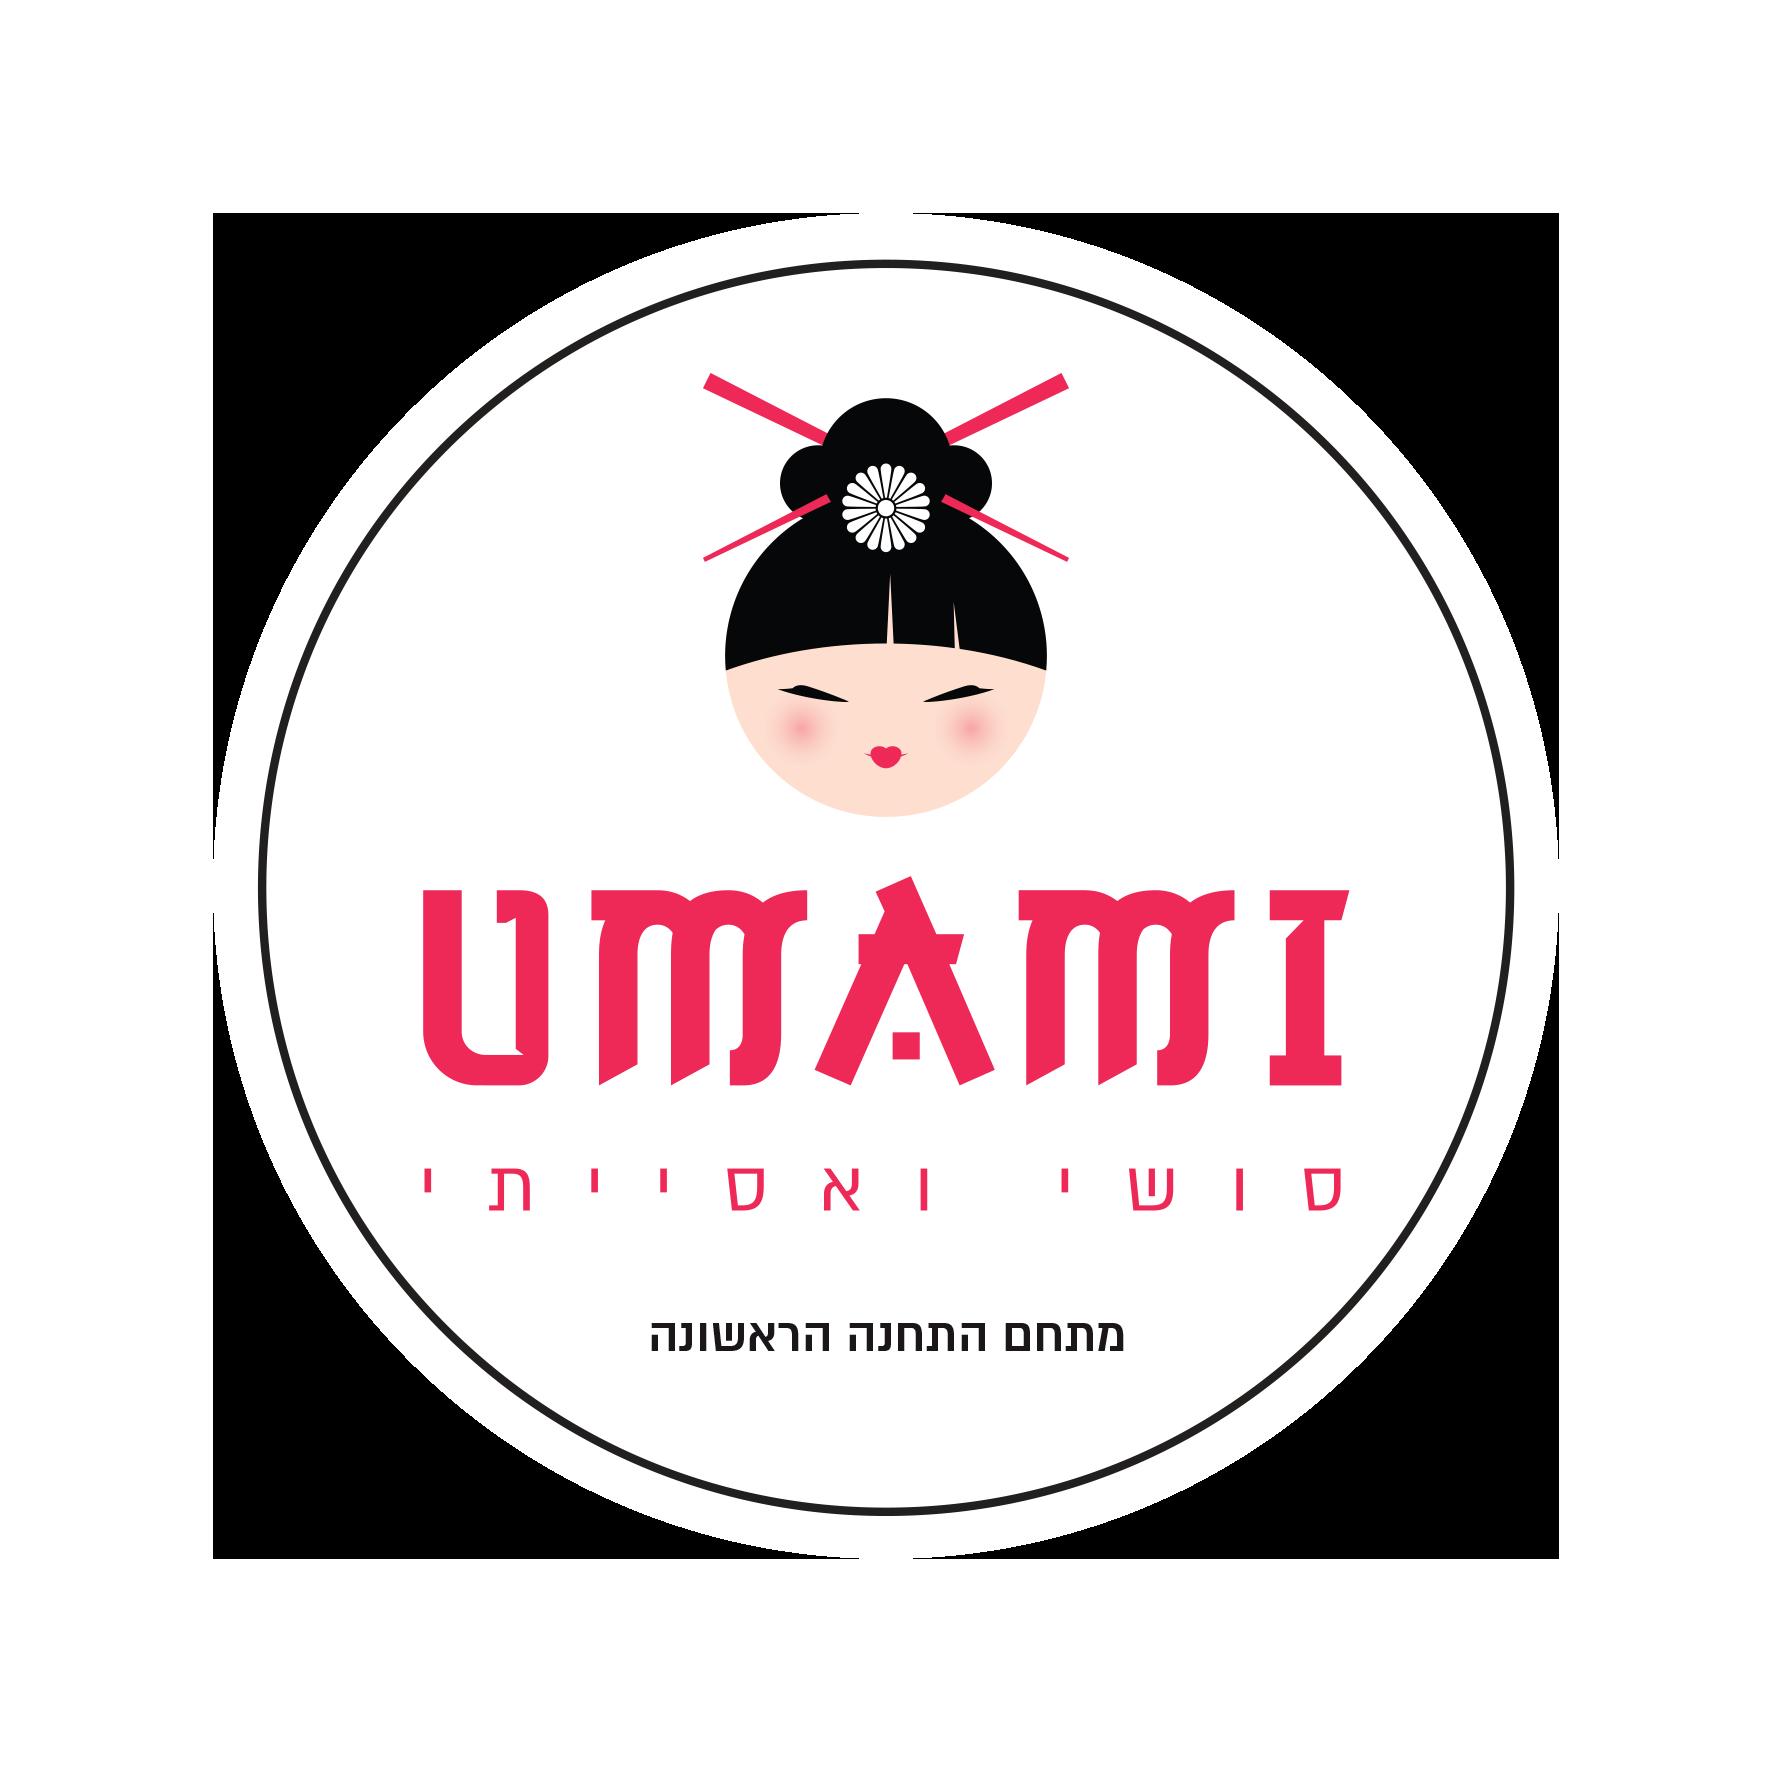 אומאמי סושי התחנה הראשונה